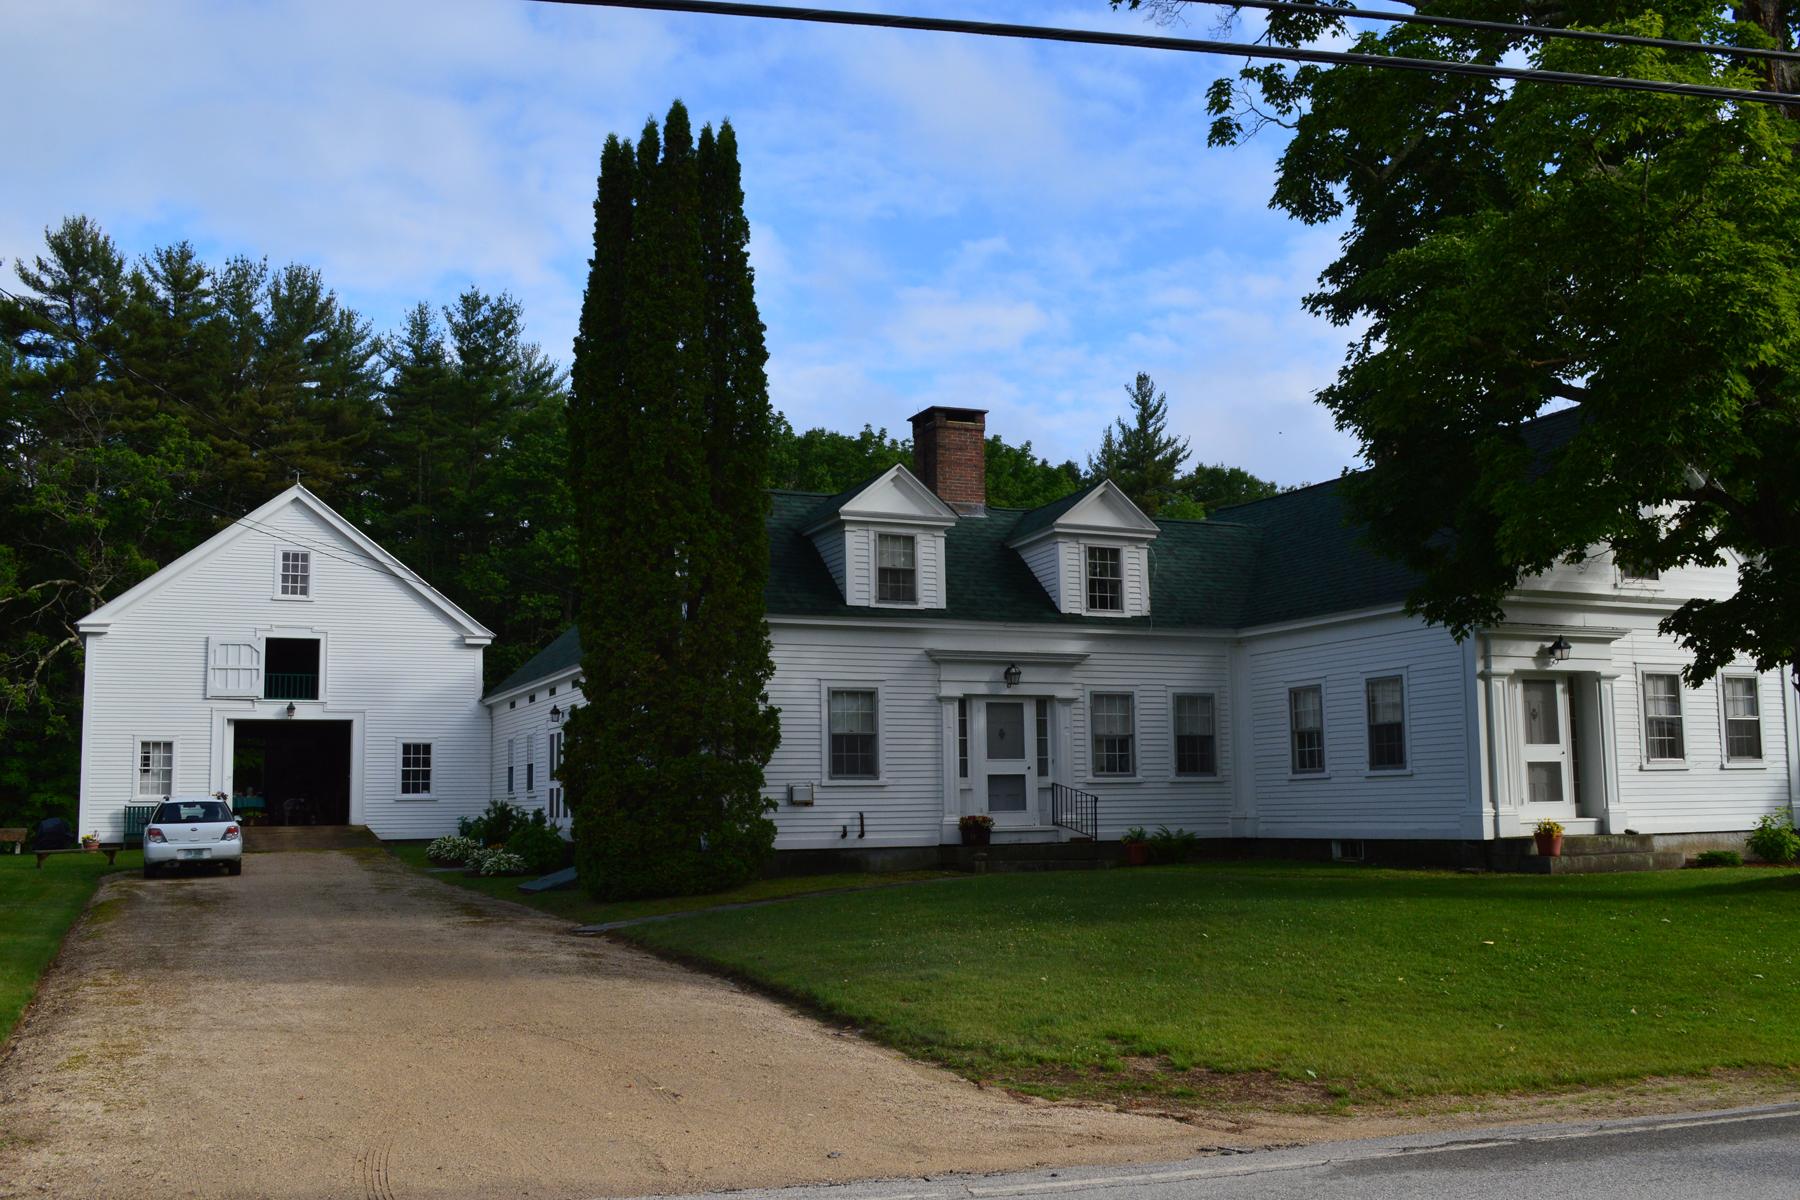 Maison unifamiliale pour l Vente à Historic Snowville, NH 190 Brownfield Rd Eaton, New Hampshire 03832 États-Unis